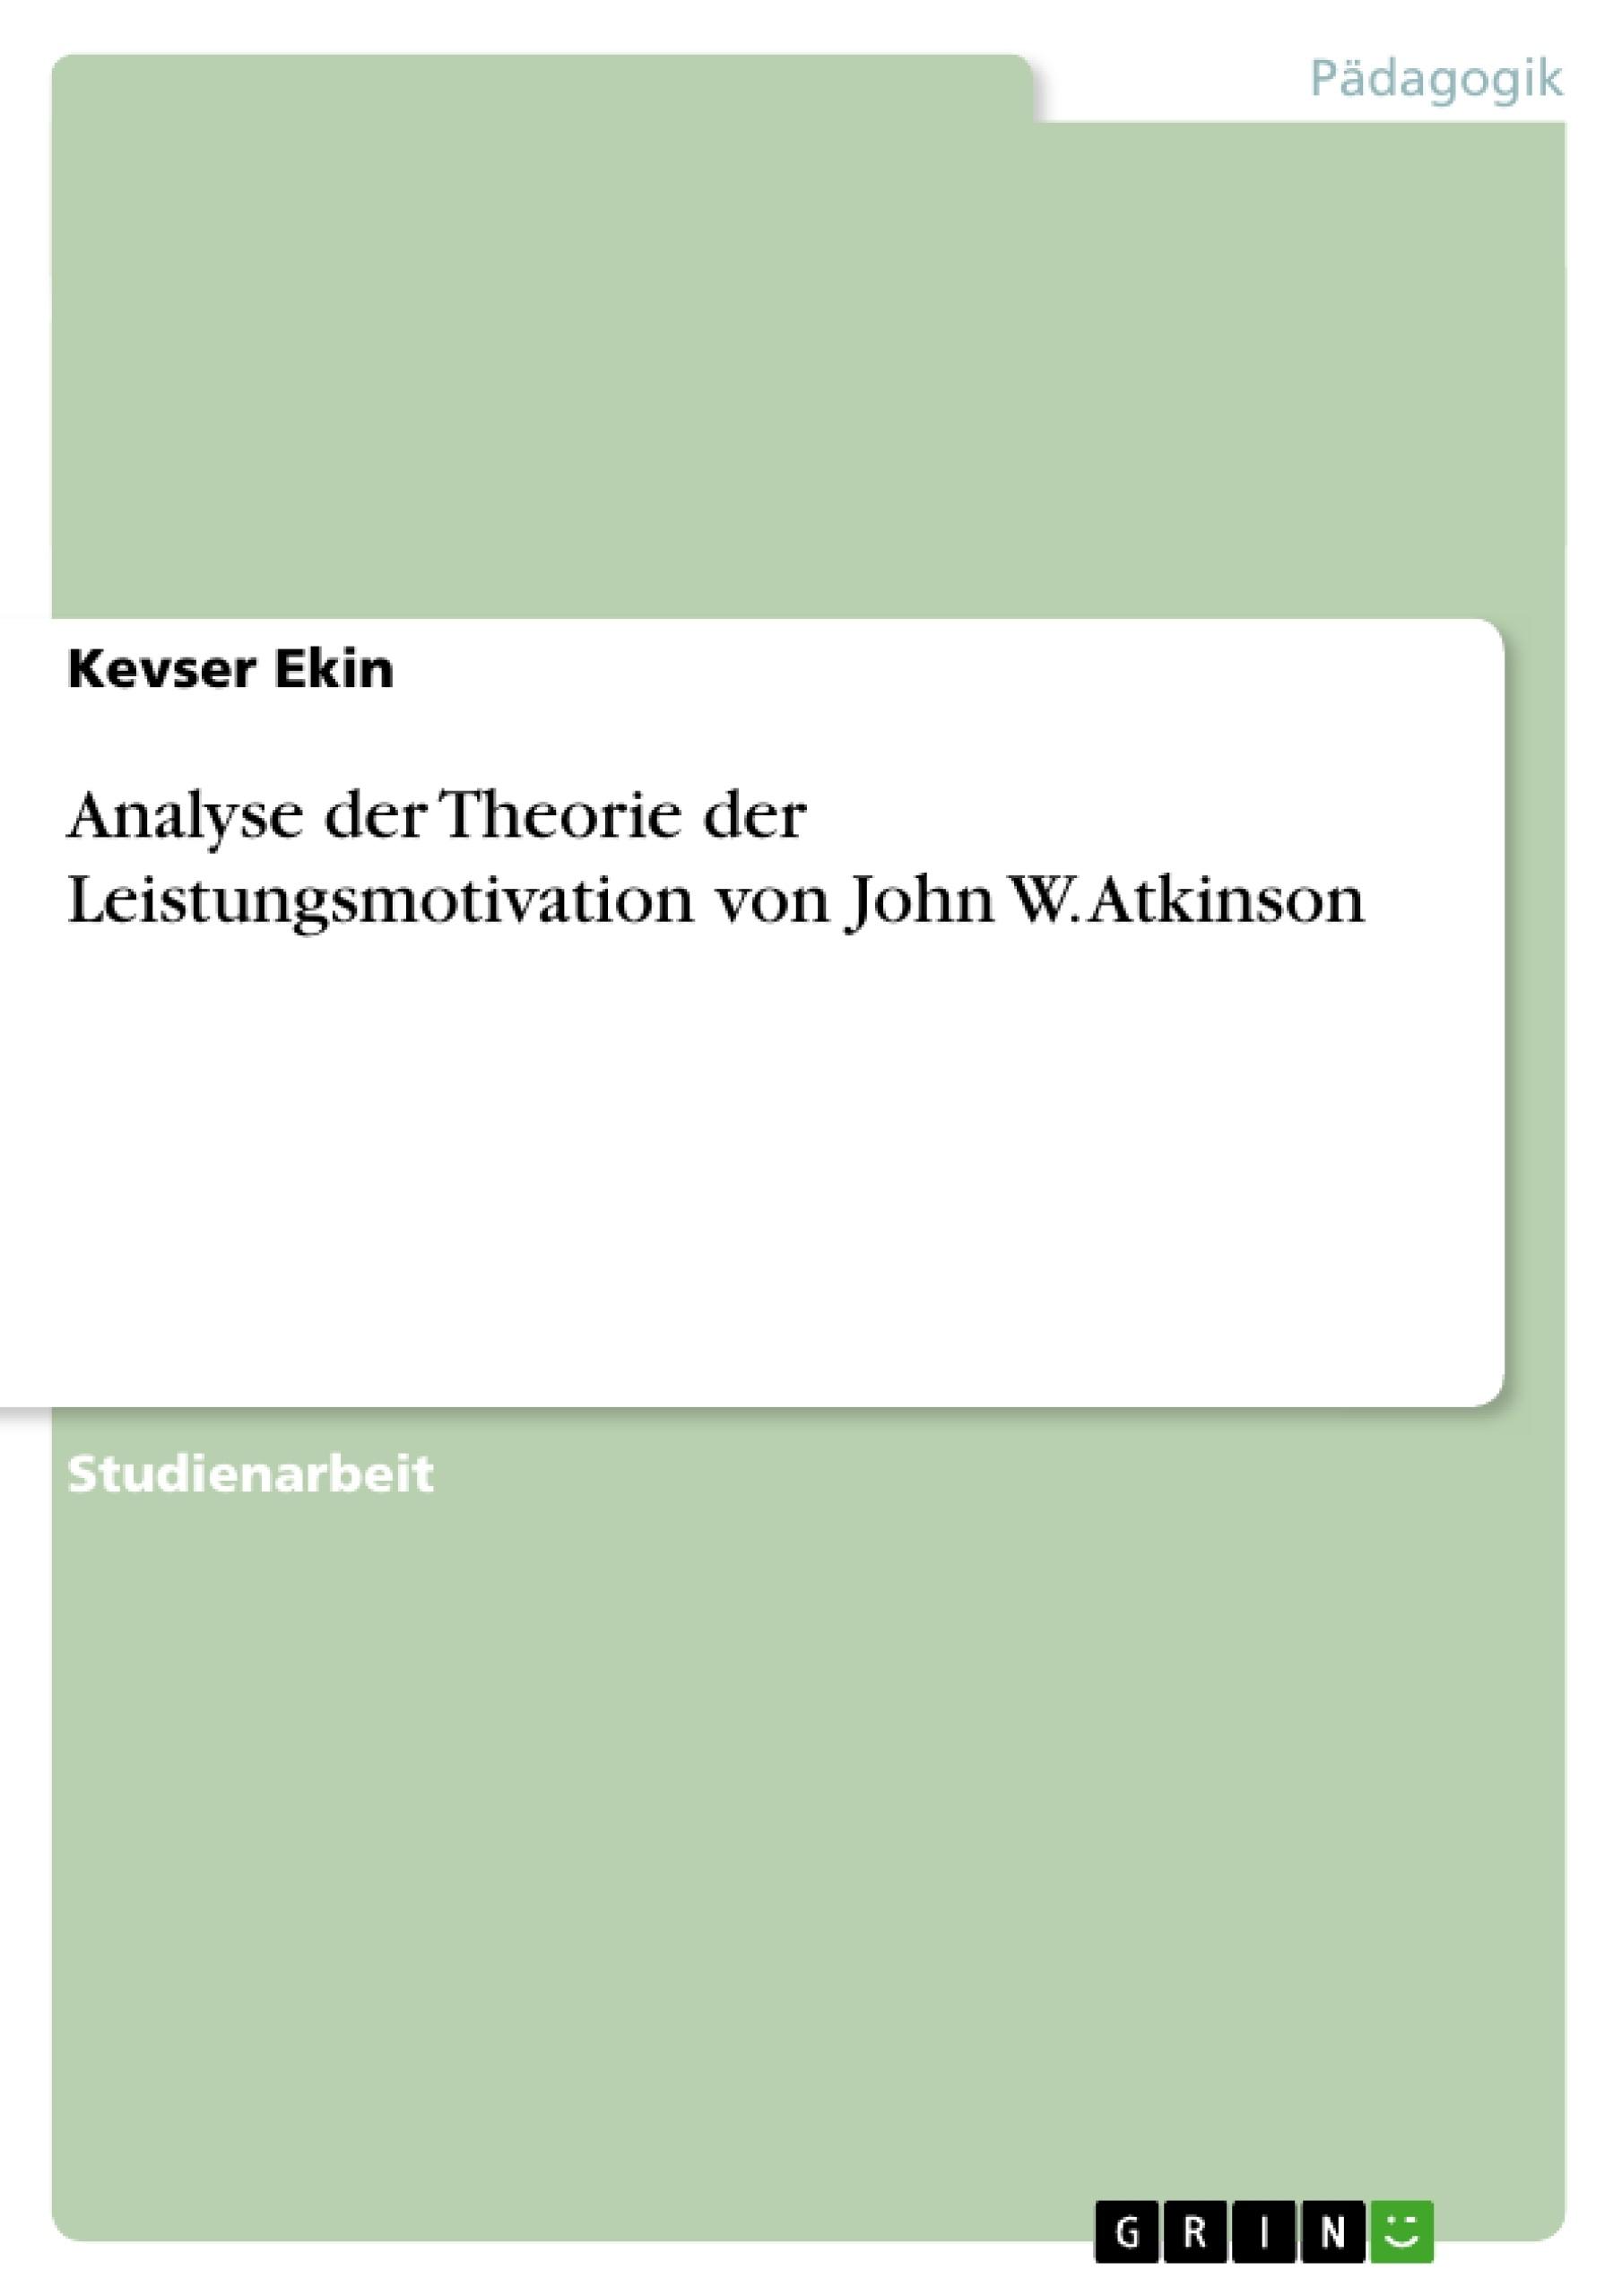 Titel: Analyse der Theorie der Leistungsmotivation von John W. Atkinson